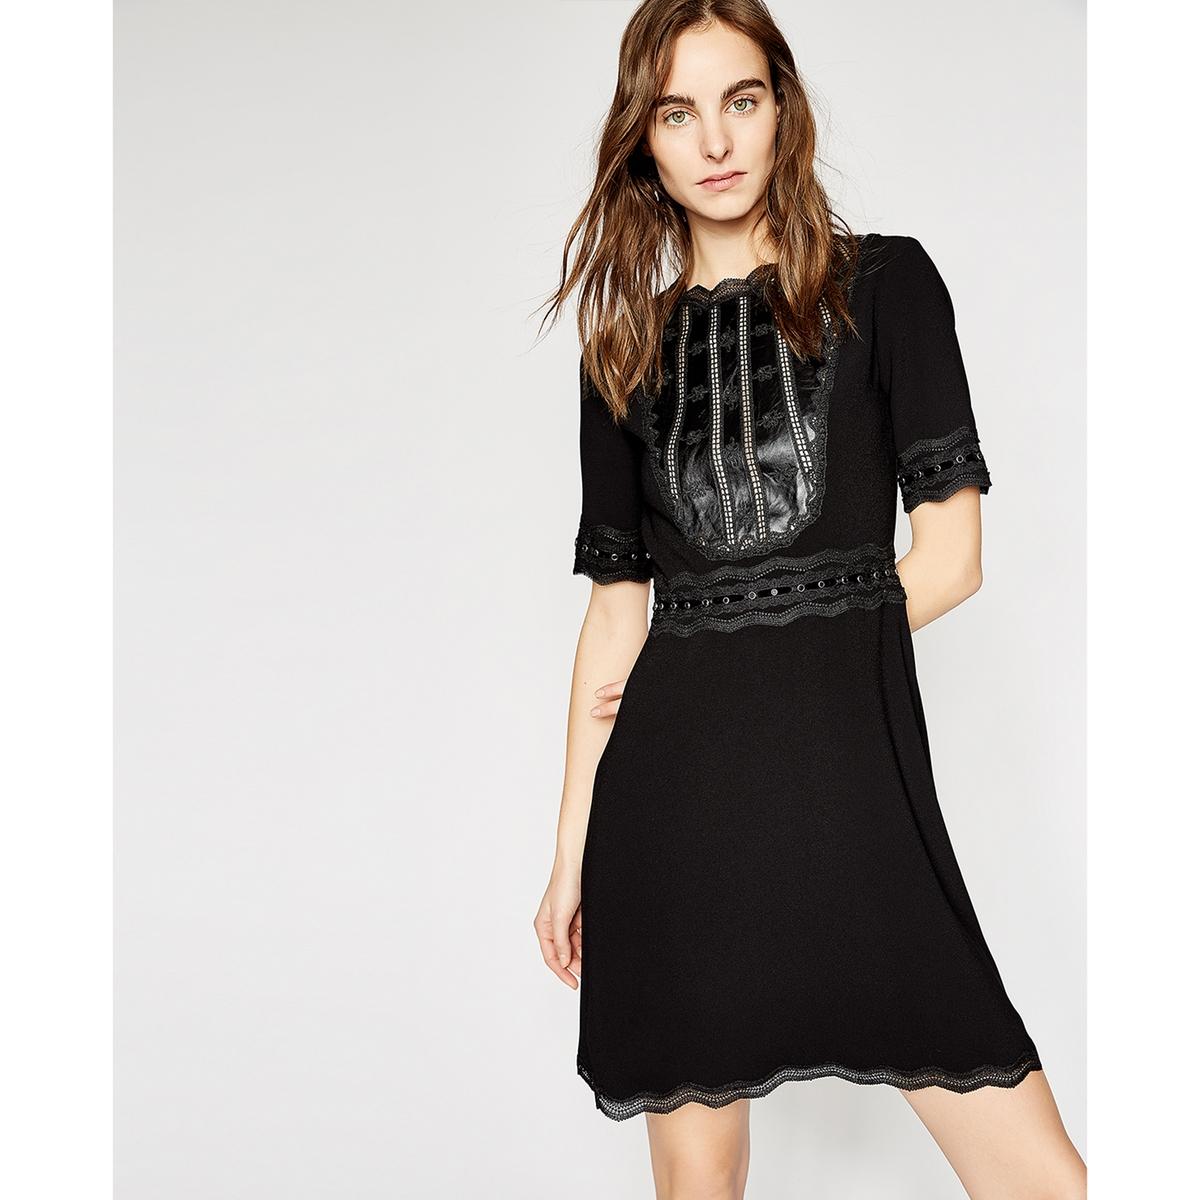 Платье короткое со вставкой из кожи и кружева блузка с квадратным вырезом со вставкой из кружева